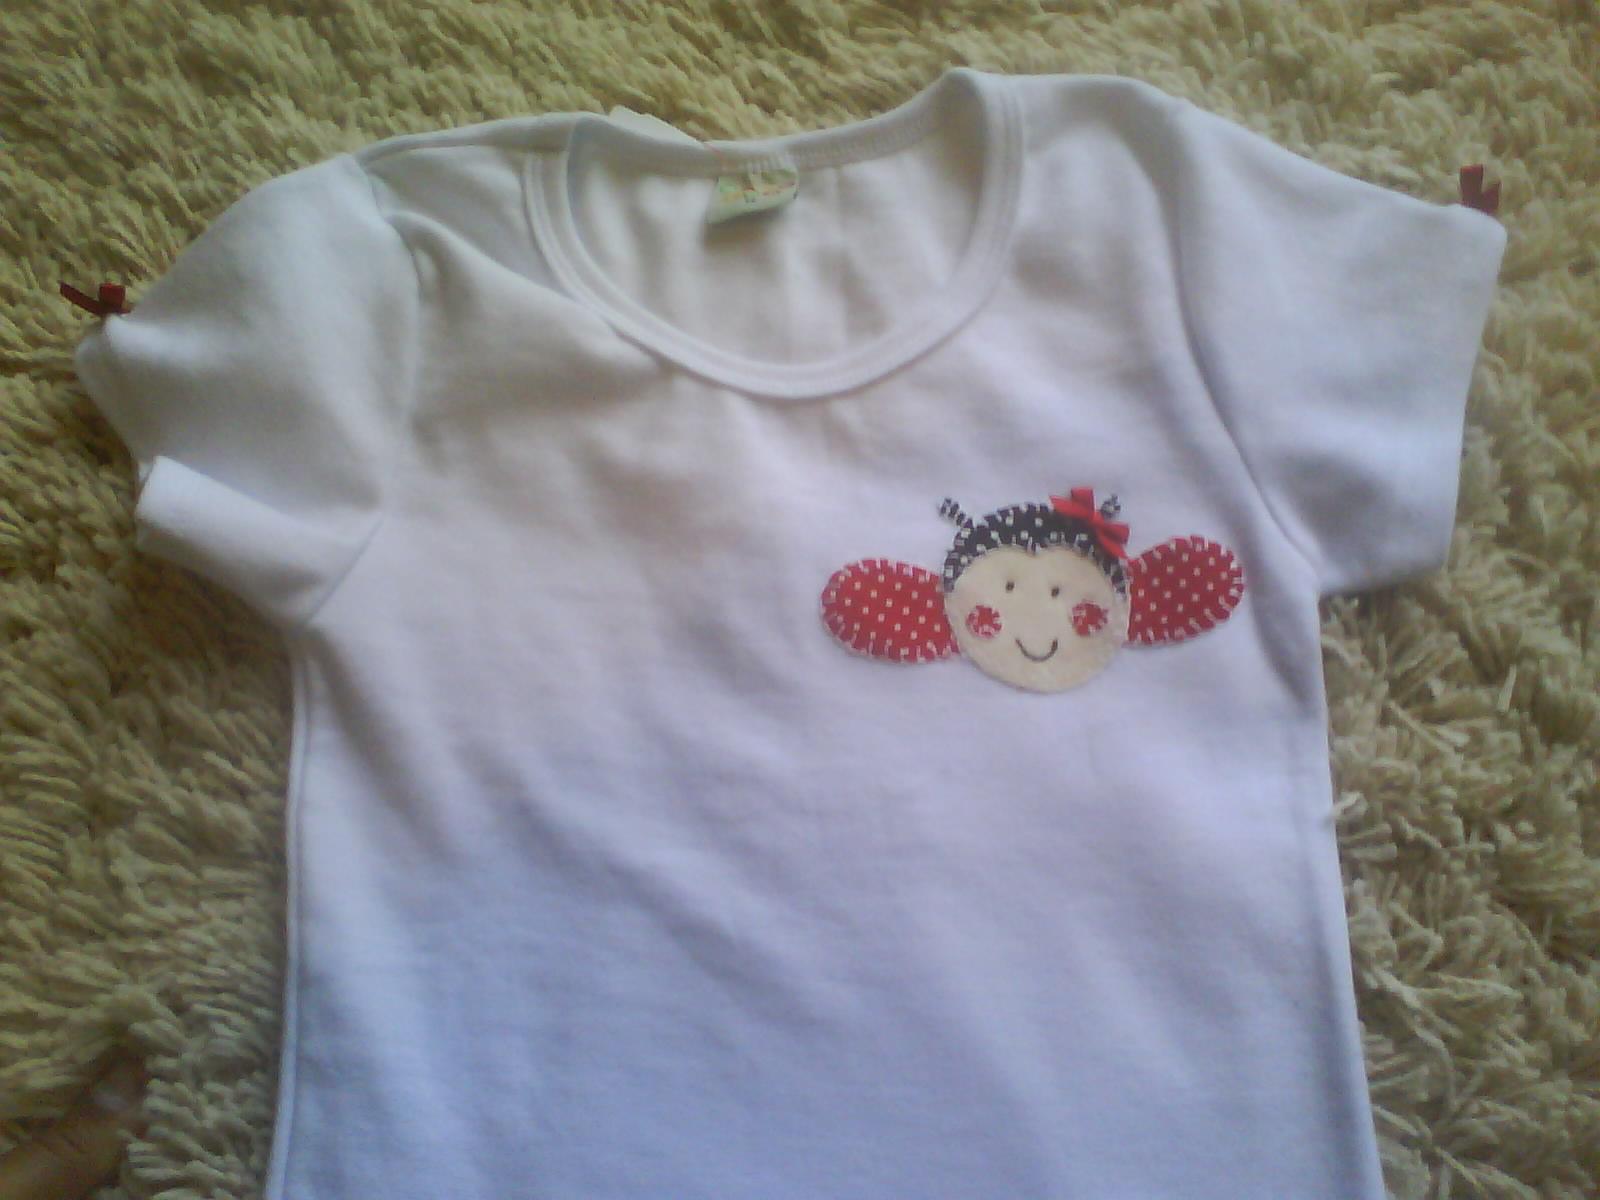 camiseta patcolagem (patchwork)